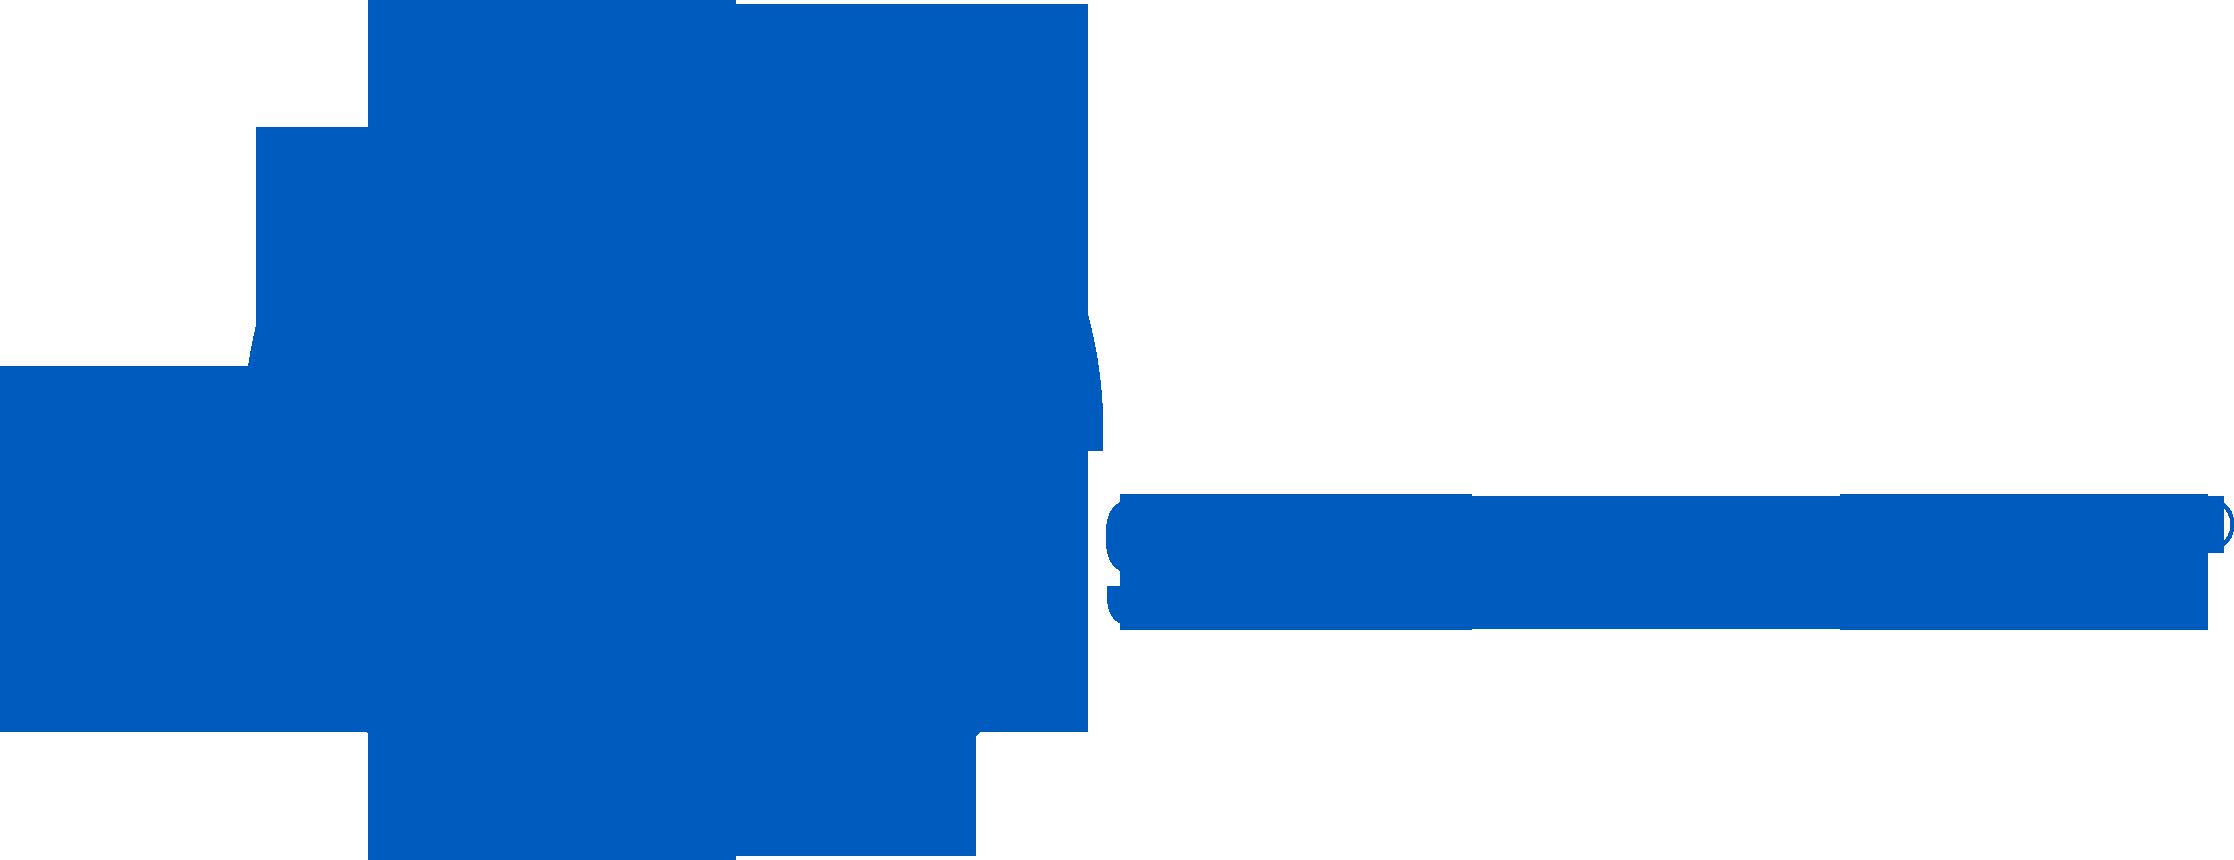 lectro_logo.png